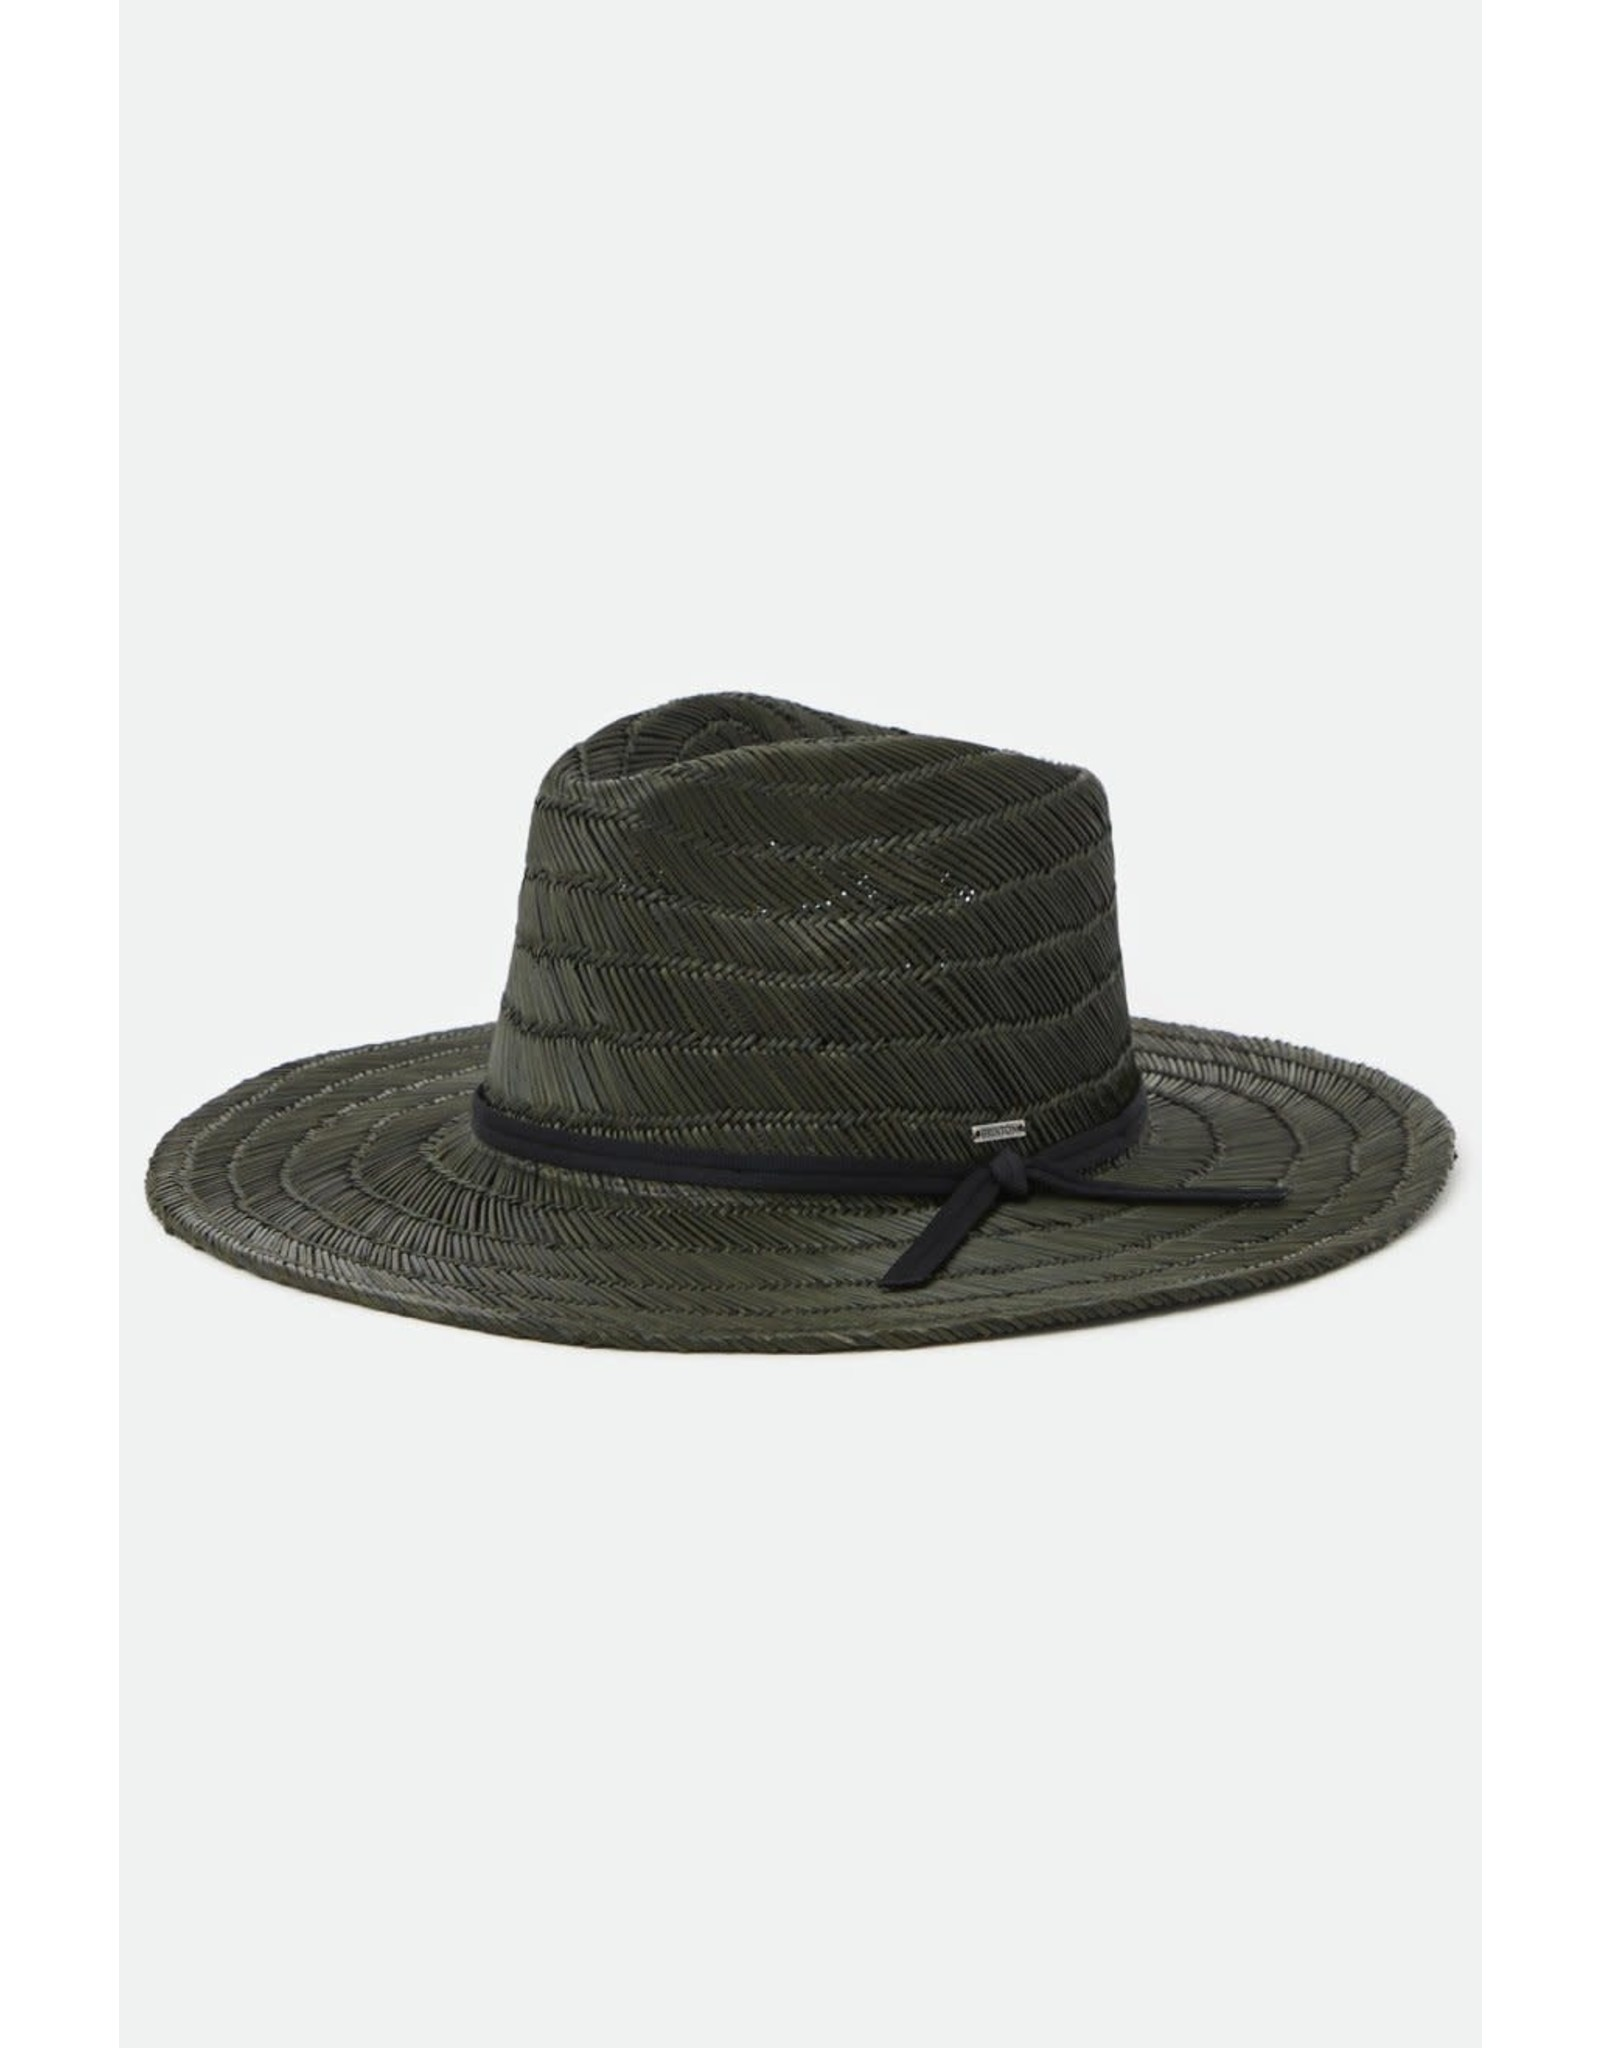 Brixton - Straw Cowboy Hat/ Washed Black